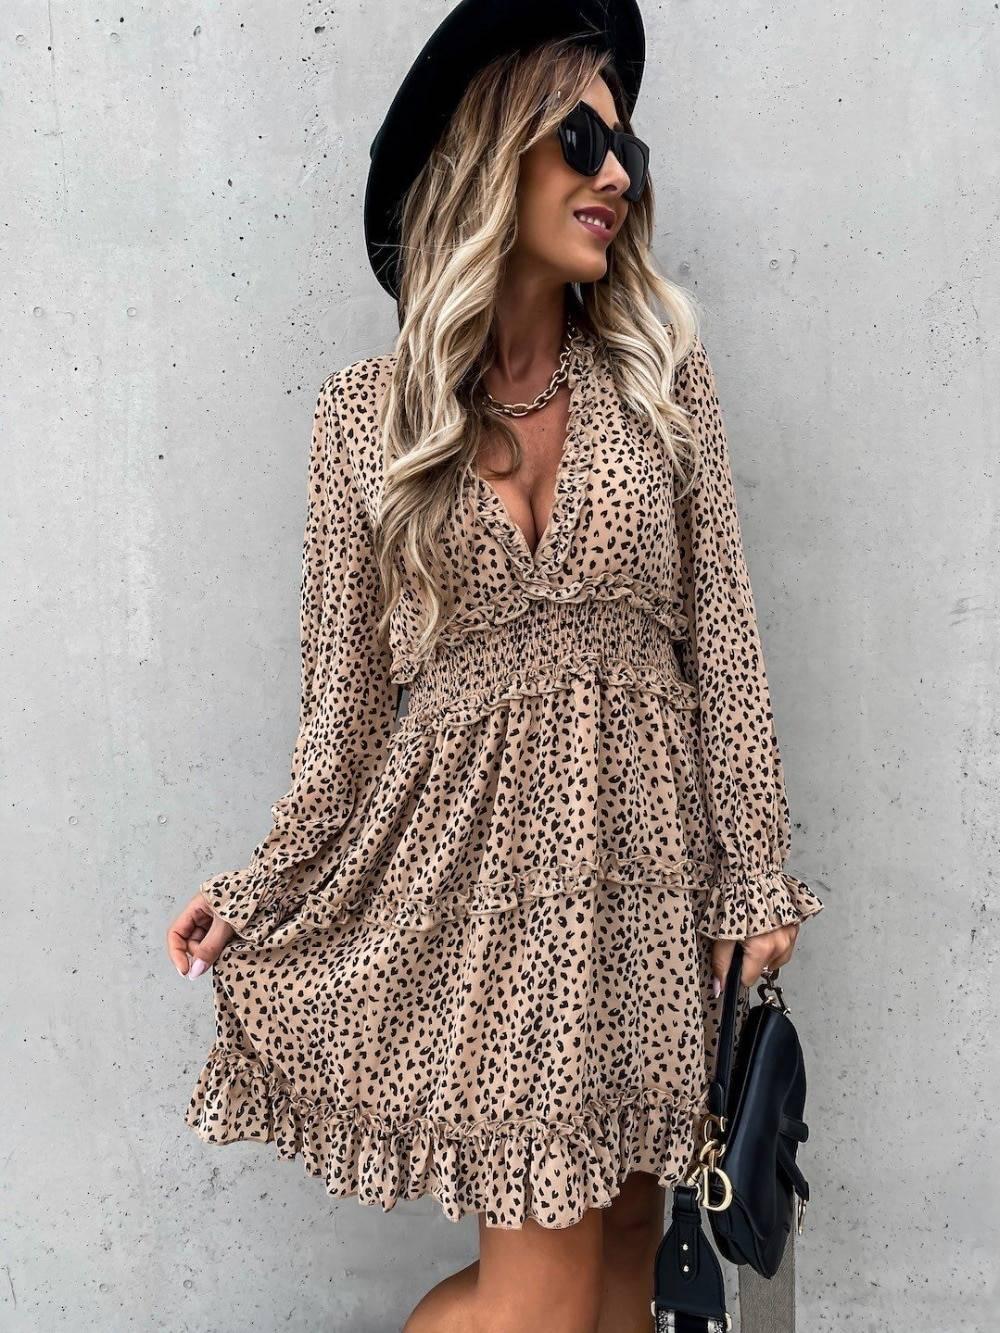 Deep V Neck Leopard Print Long Sleeve Ruffles A-Line Dress 4